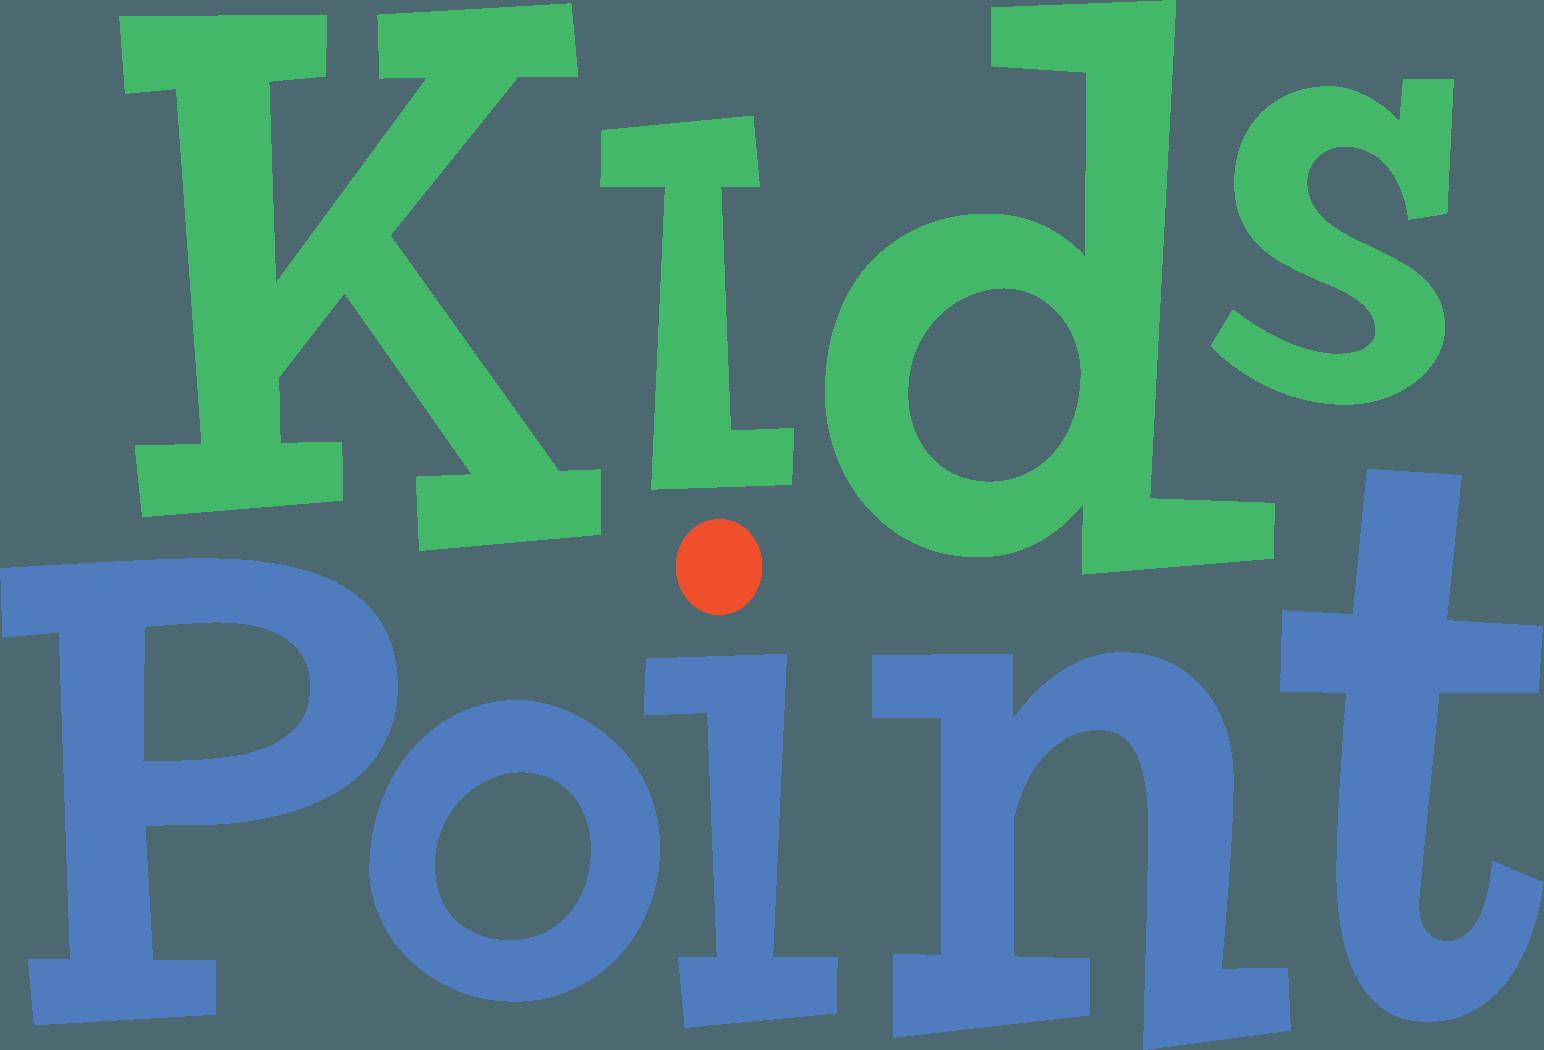 Kids Point